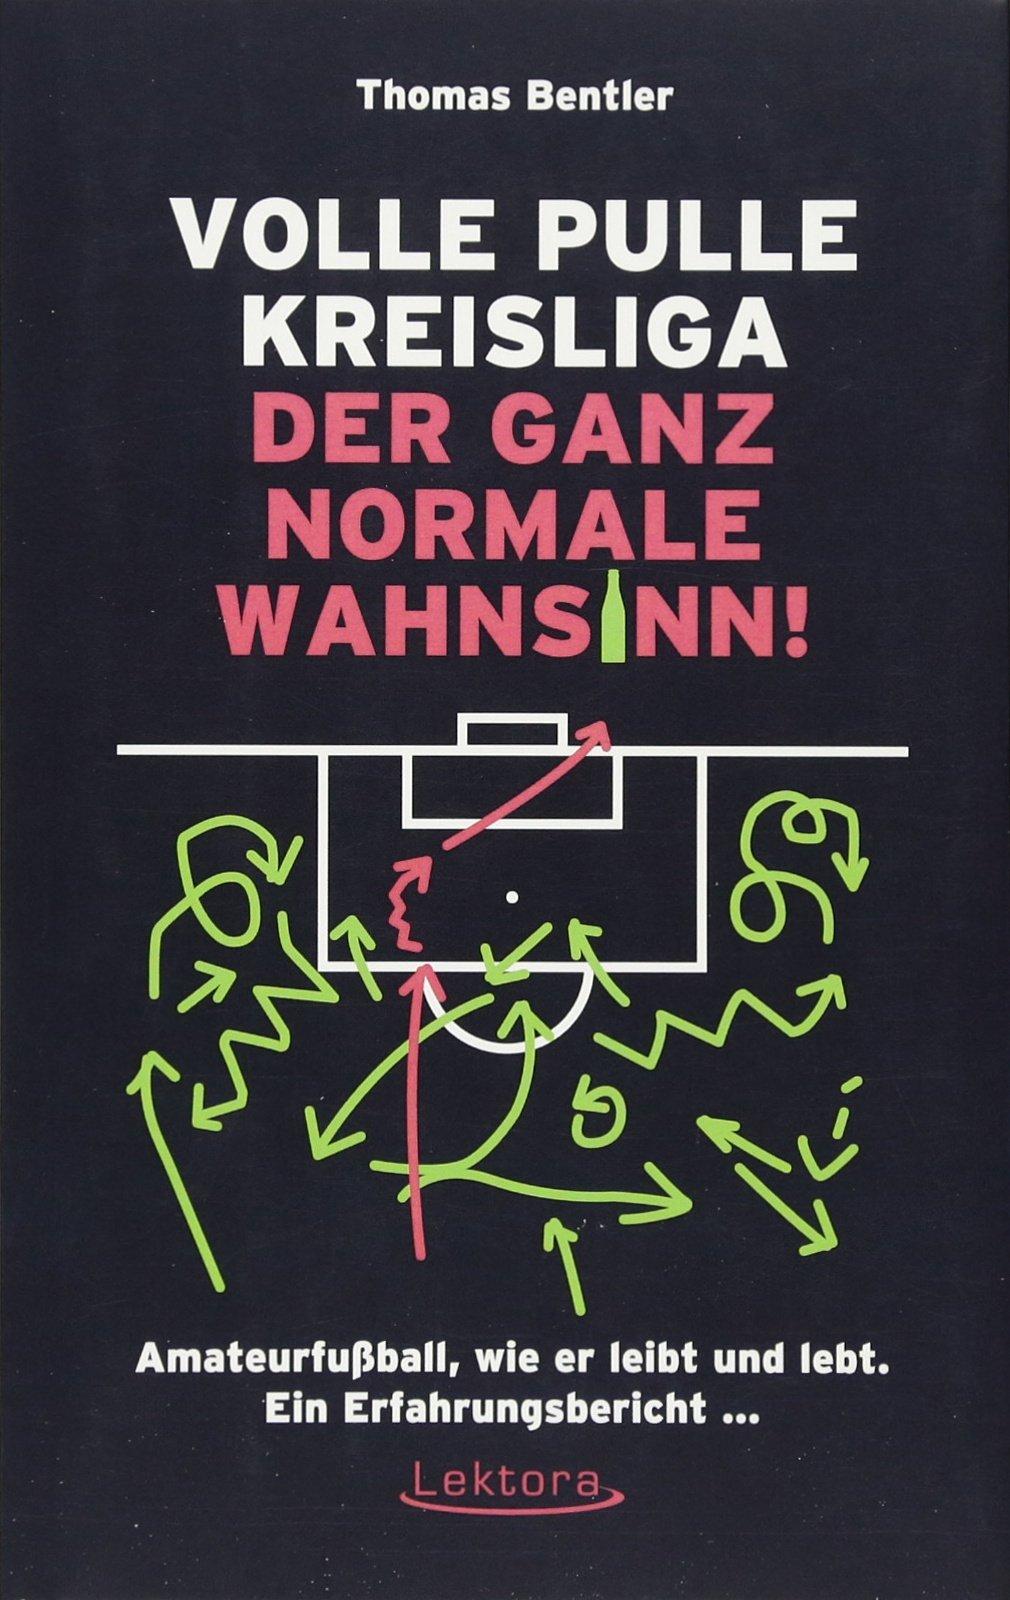 Volle Pulle Kreisliga – der ganz normale Wahnsinn: Amateurfußball, wie er leibt und lebt. Ein Erfahrungsbericht ...